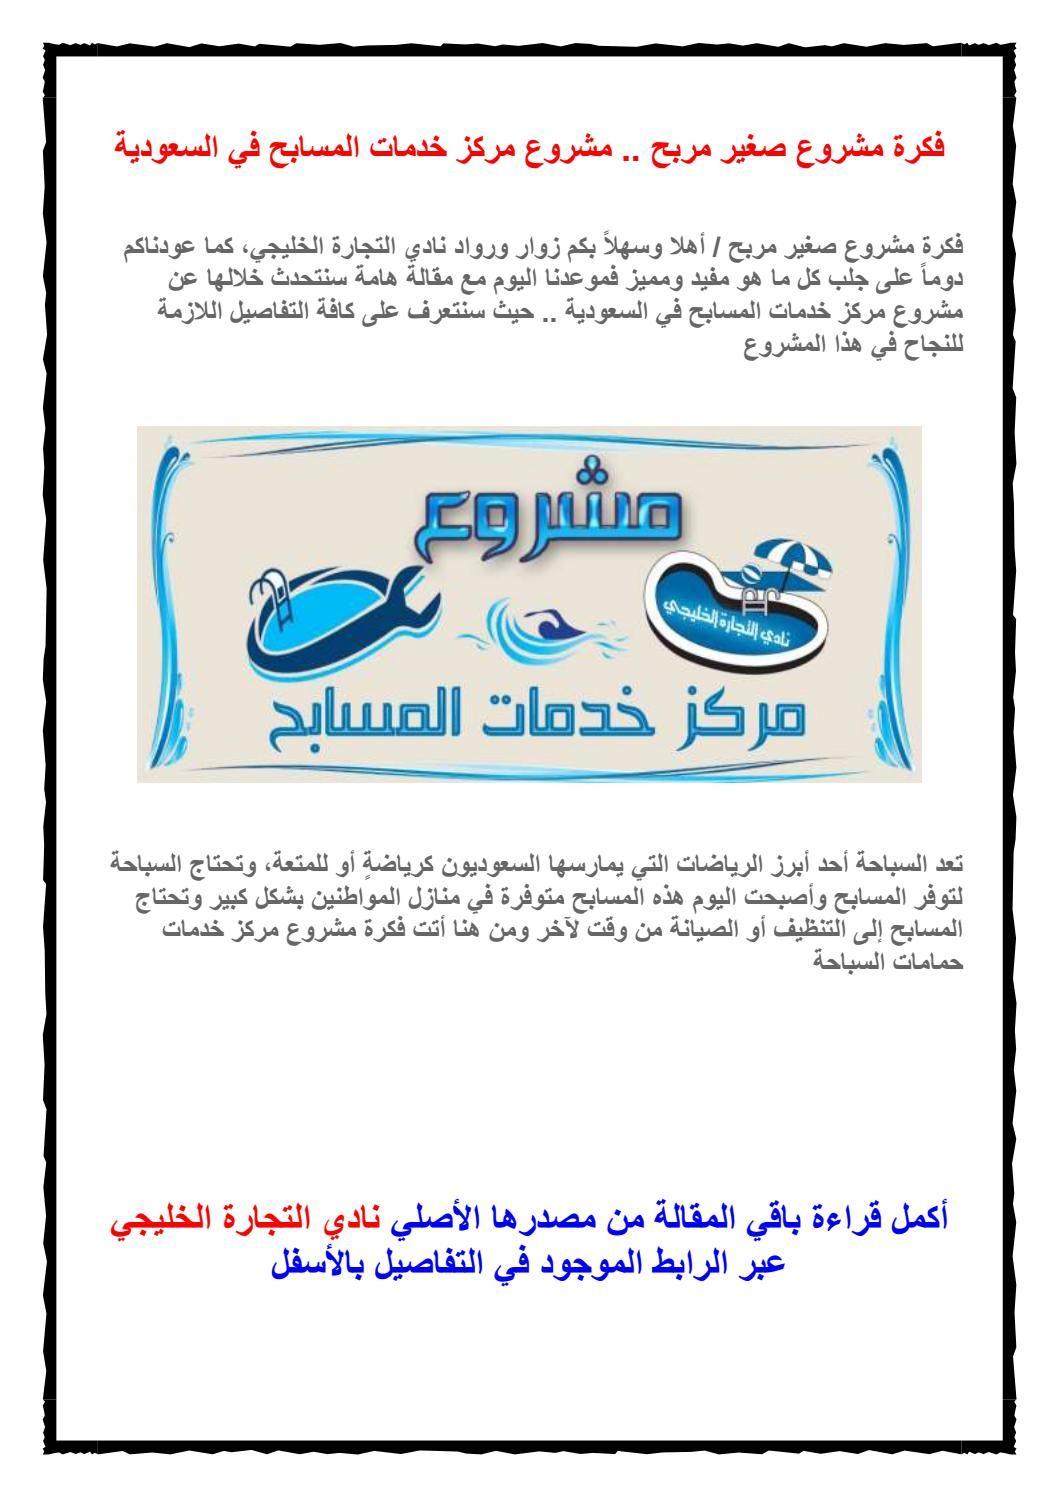 فكرة مشروع صغير مربح مشروع مركز خدمات المسابح في السعودية Microsoft Word Document Words Microsoft Word